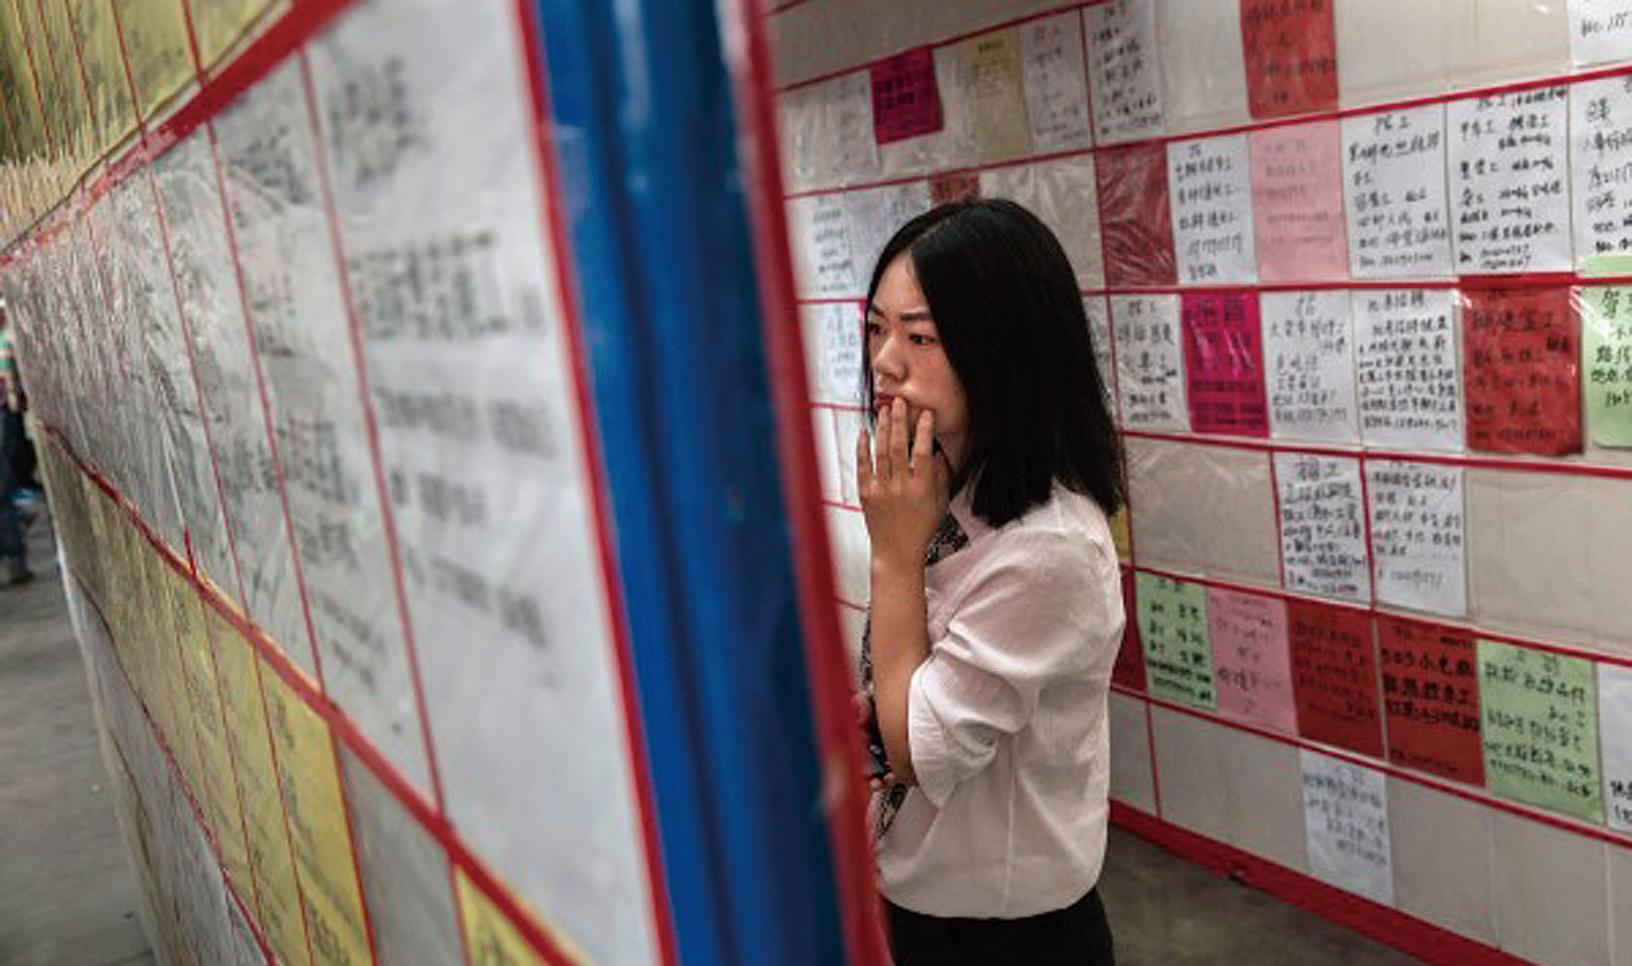 中共病毒爆發,中共封城封路,阻斷了中國的經濟命脈,人們現在匯成失業大軍,或正引發社會動盪。圖為示意圖。(Getty Images)